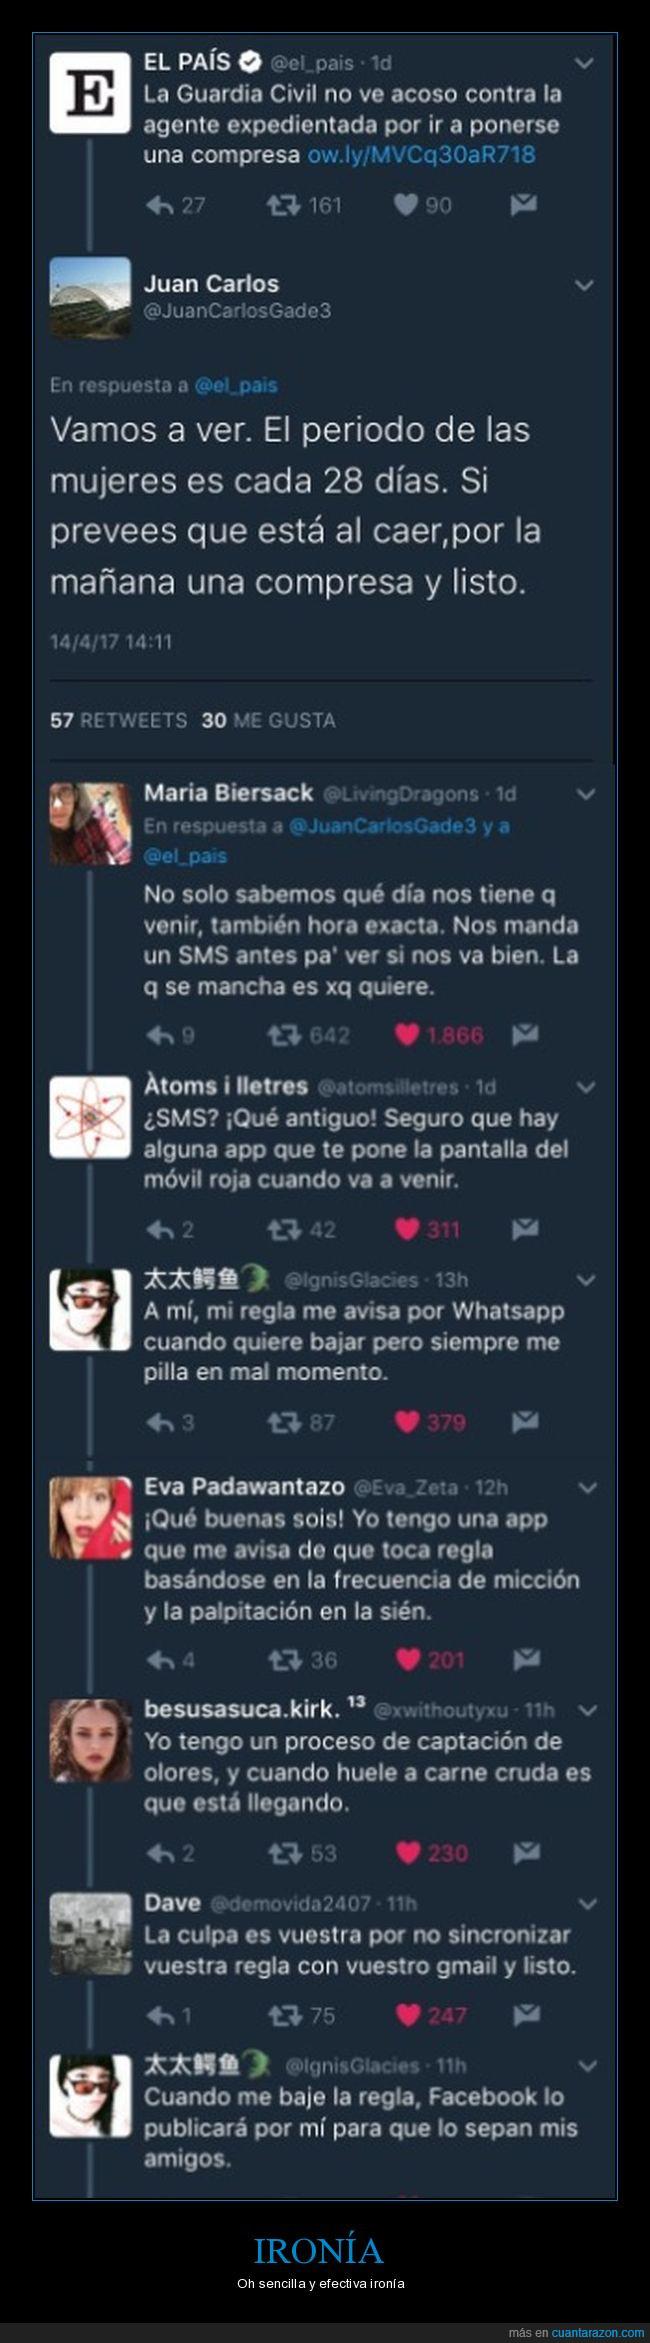 mujeres,regla,tweets